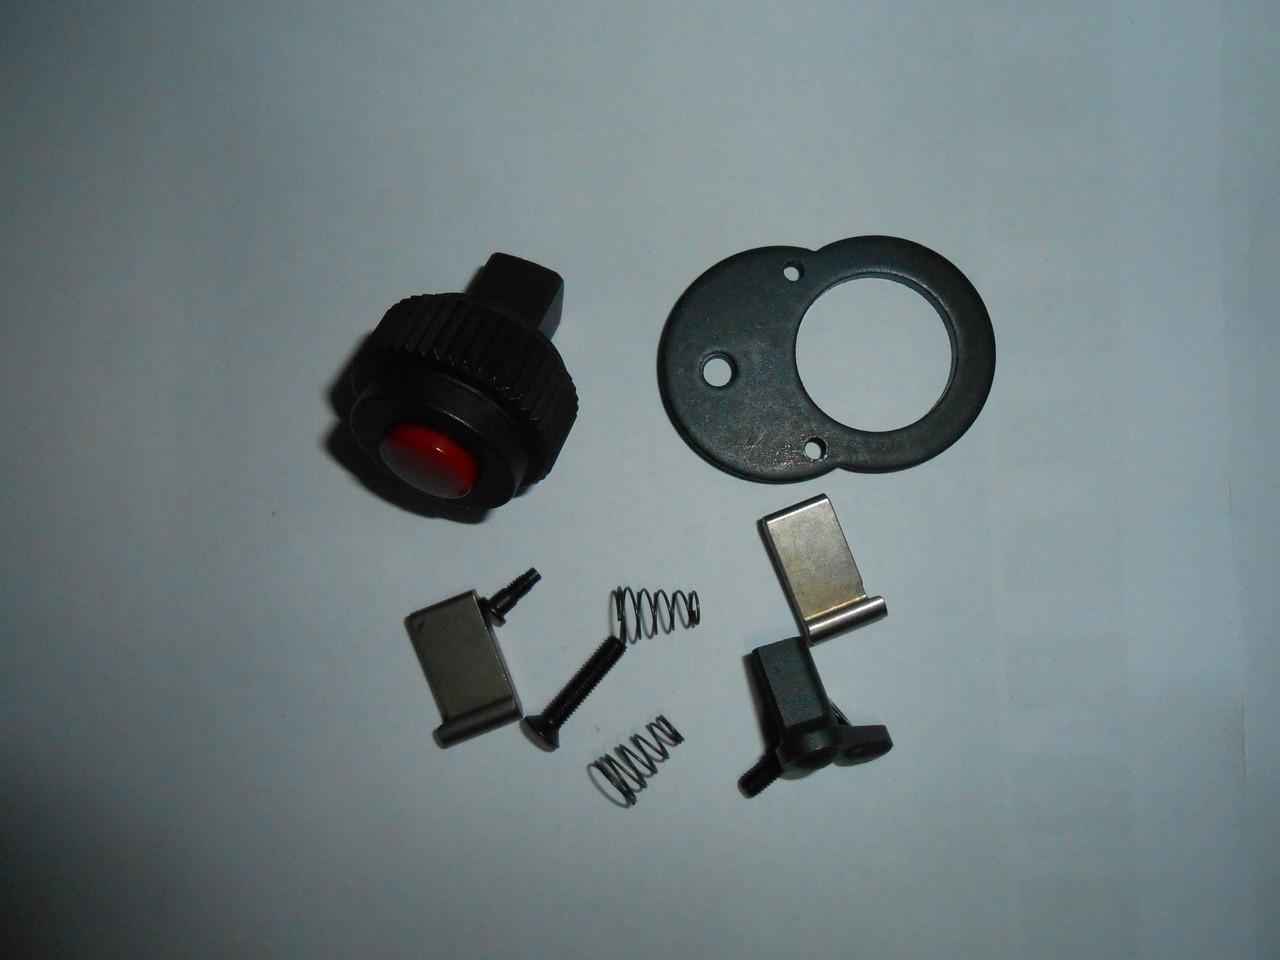 Запчасти к ключу трещоточному артикул 80232 - зубчатое колесо со стопором